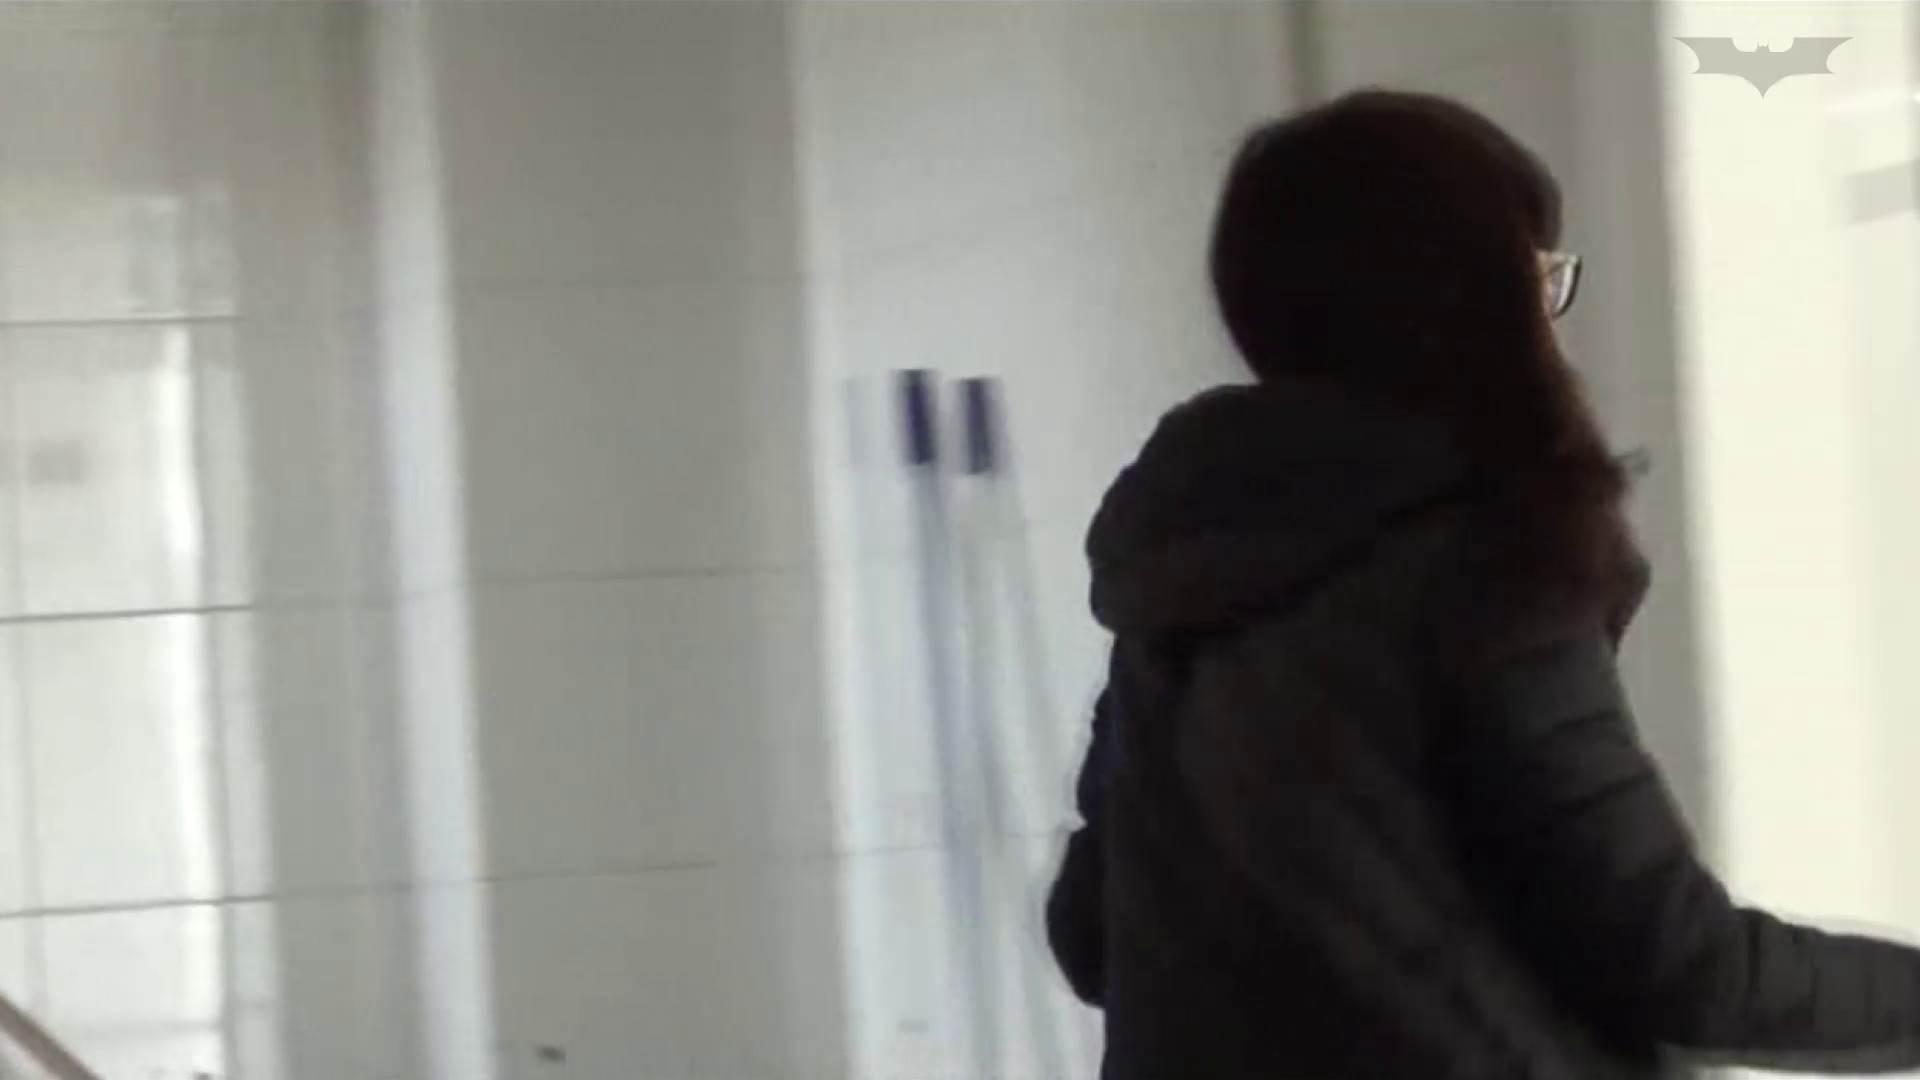 JD盗撮 美女の洗面所の秘密 Vol.46 美女 すけべAV動画紹介 78枚 22